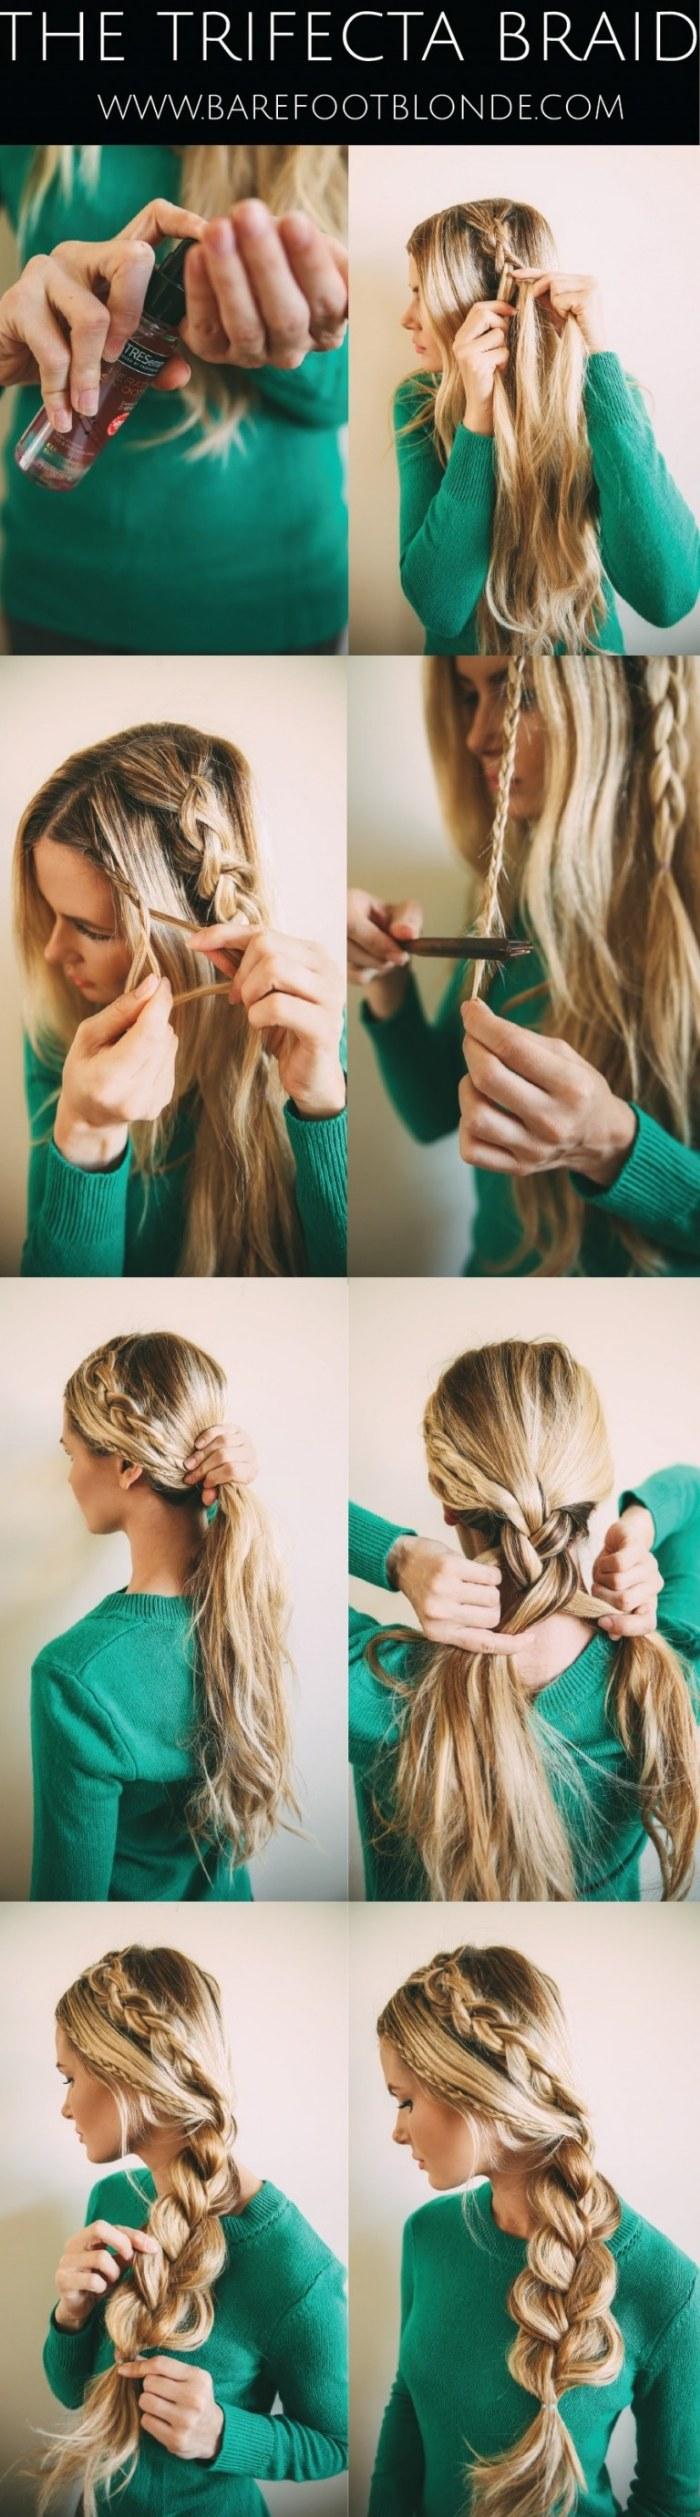 Tutoriales de peinados paso a paso r pidos y f ciles para - Peinados faciles y rapidos paso a paso ...